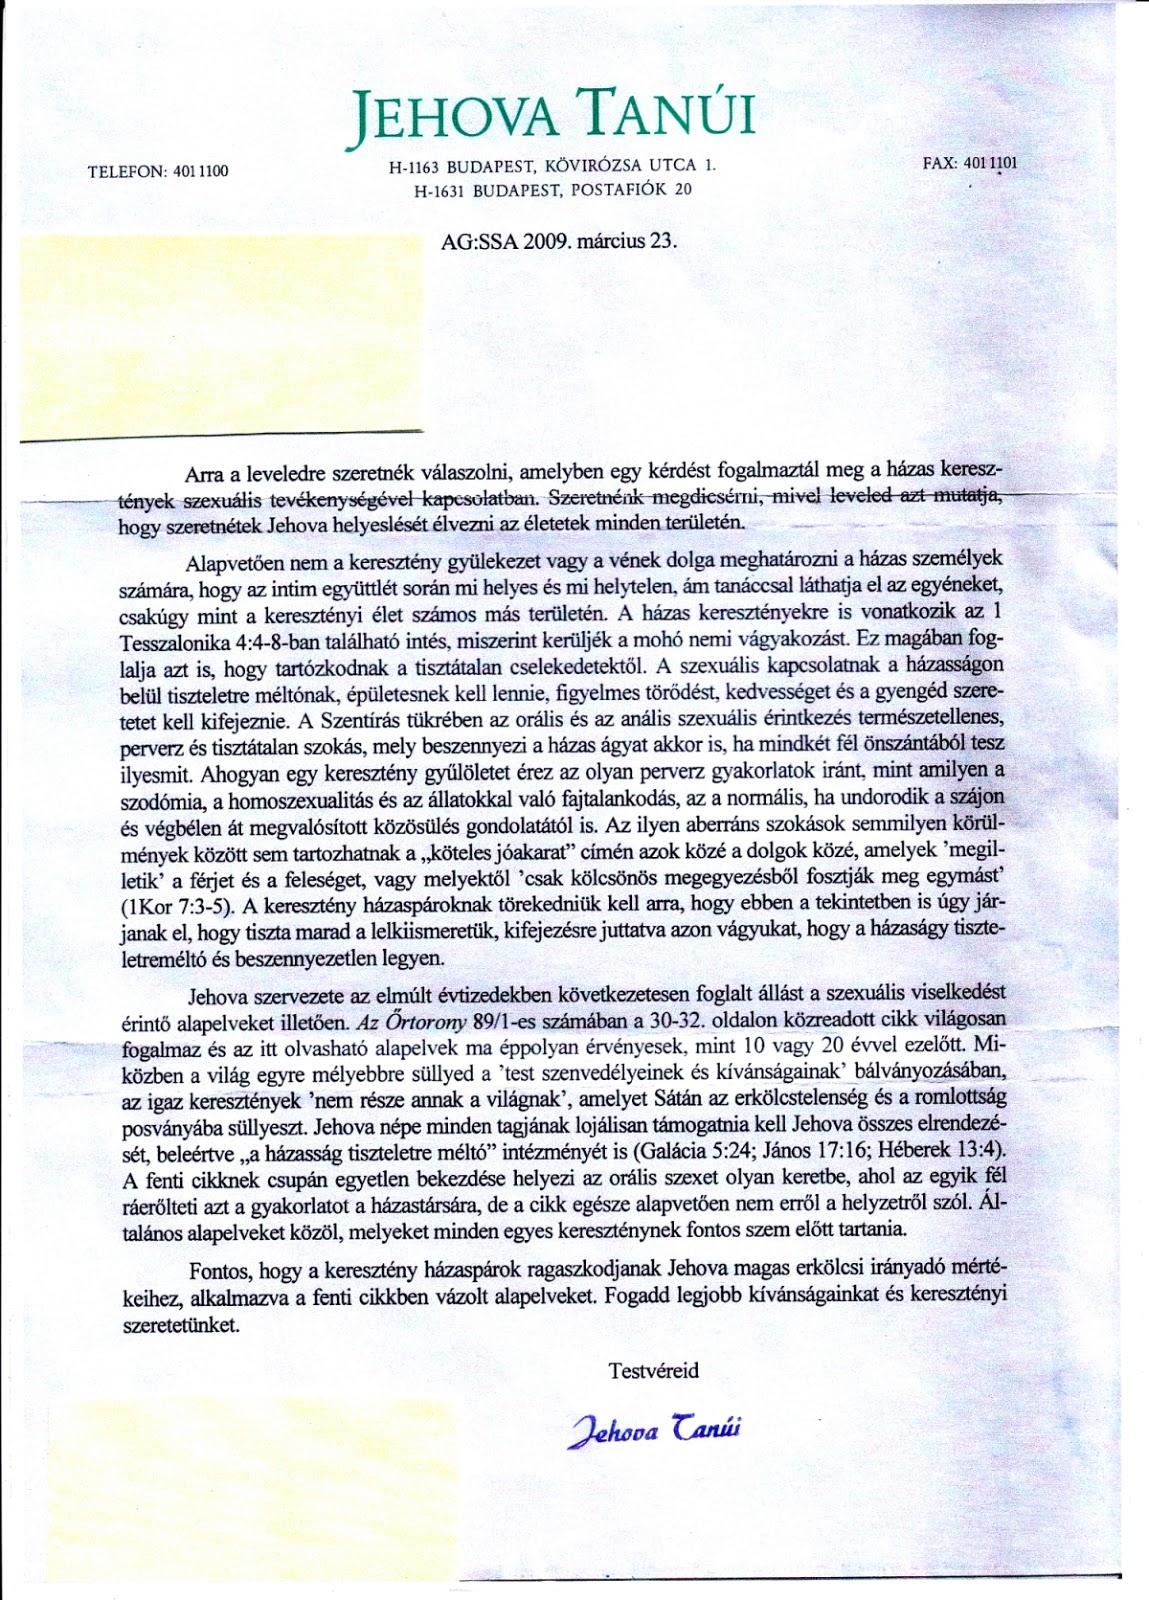 Matrimonio Catolico Y Testigo De Jehova : Hildebrando y otras hierbas carta actividad